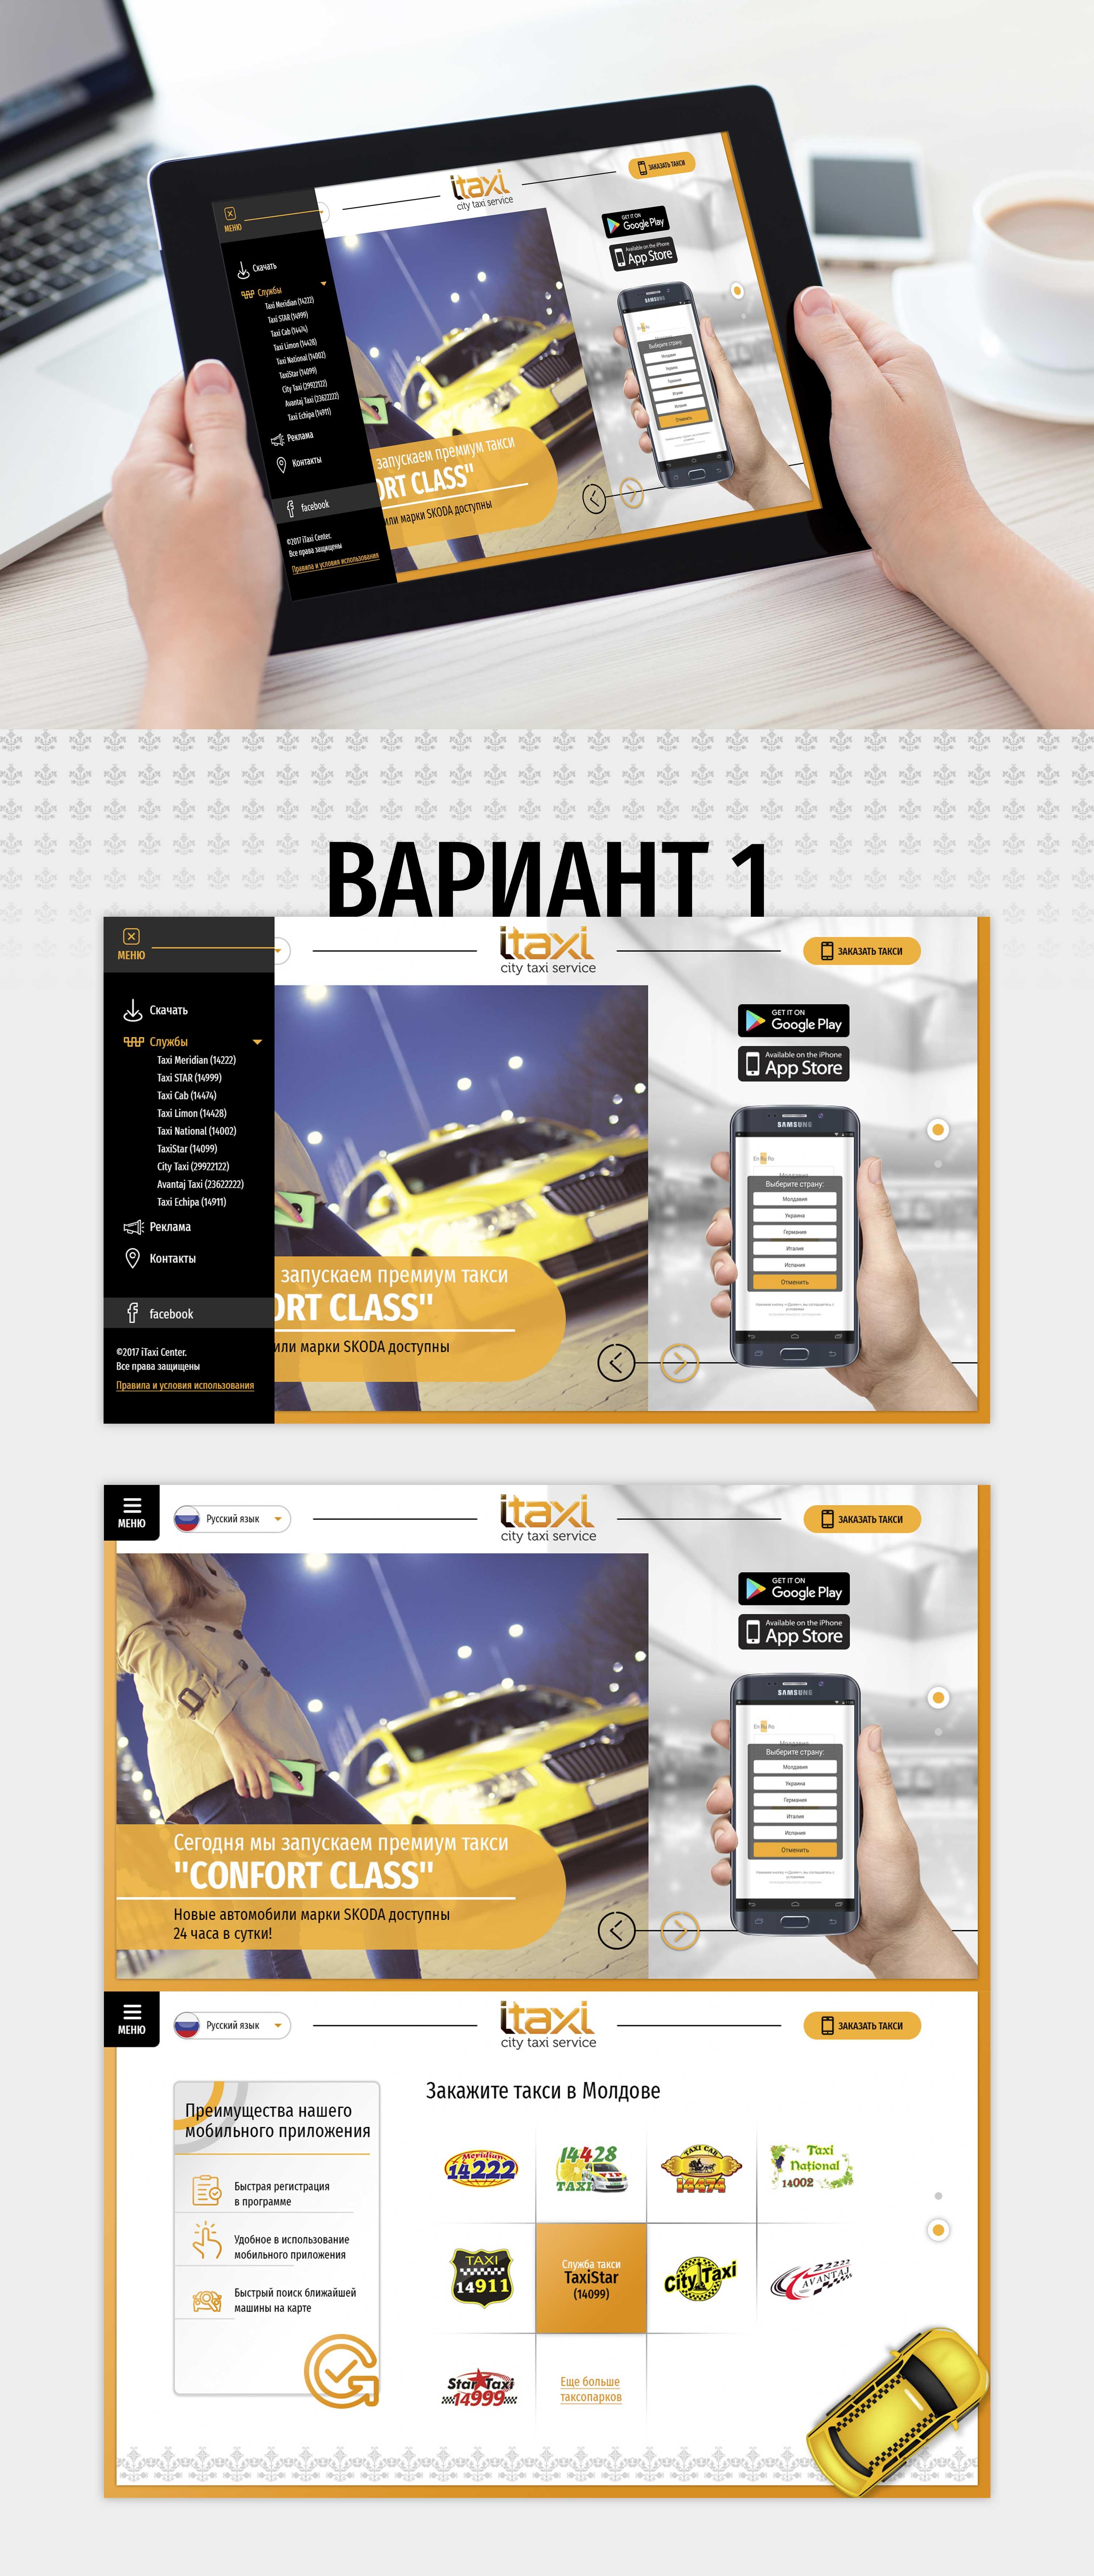 Редизайн сайта www.itaxi.md фото f_9885999d3a1a9a1c.jpg